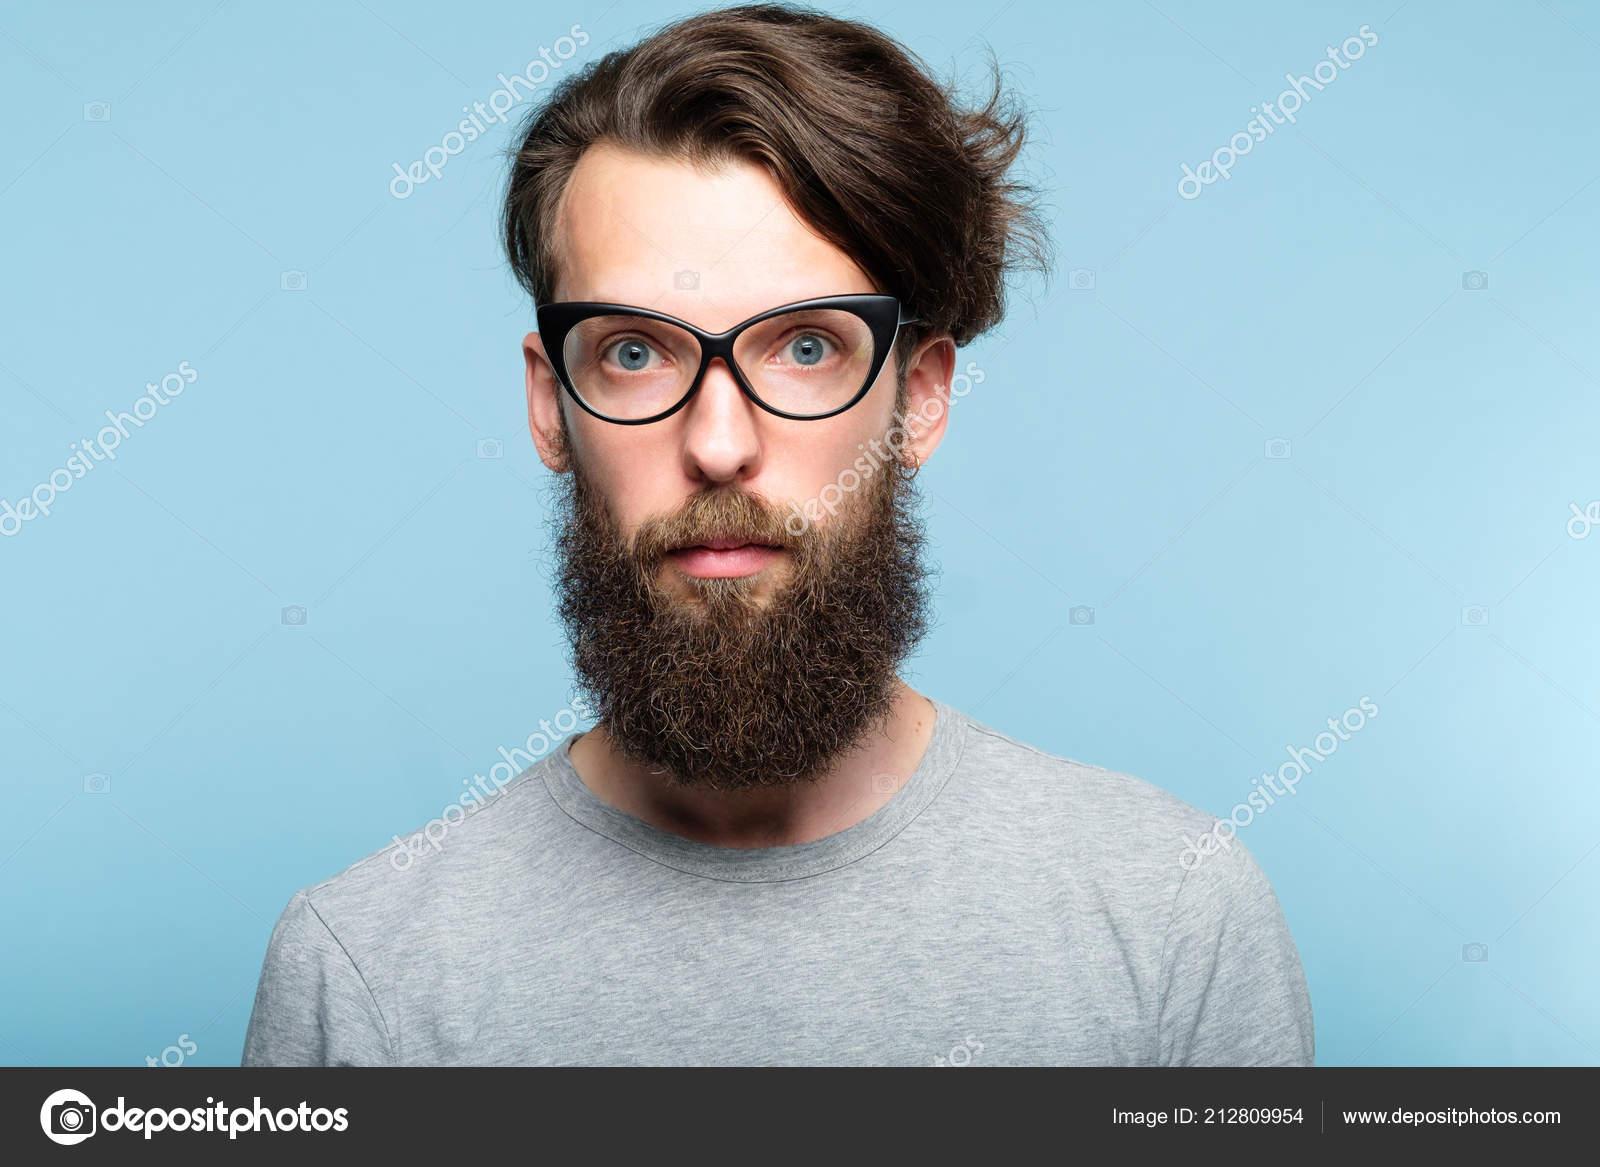 3ccceaaabe Guy de hipster barbu portant des lunettes de chat. fashionist moderne  élégante. Portrait d'un homme excentrique excentrique geek sur fond bleu —  Image de ...